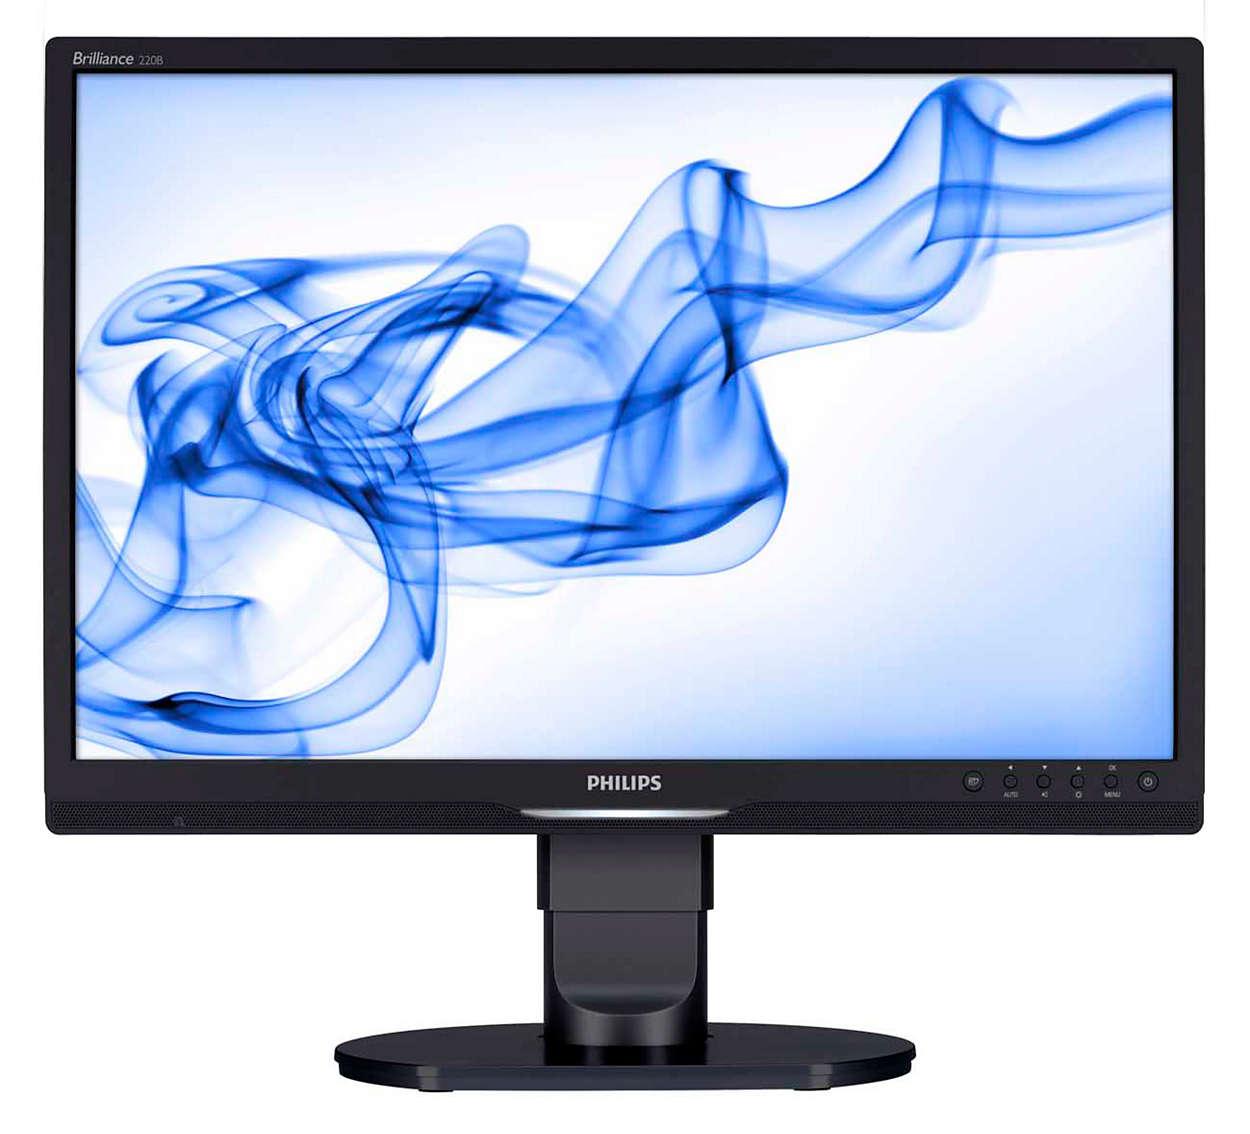 Afişajul business ergonomic vă creşte productivitatea